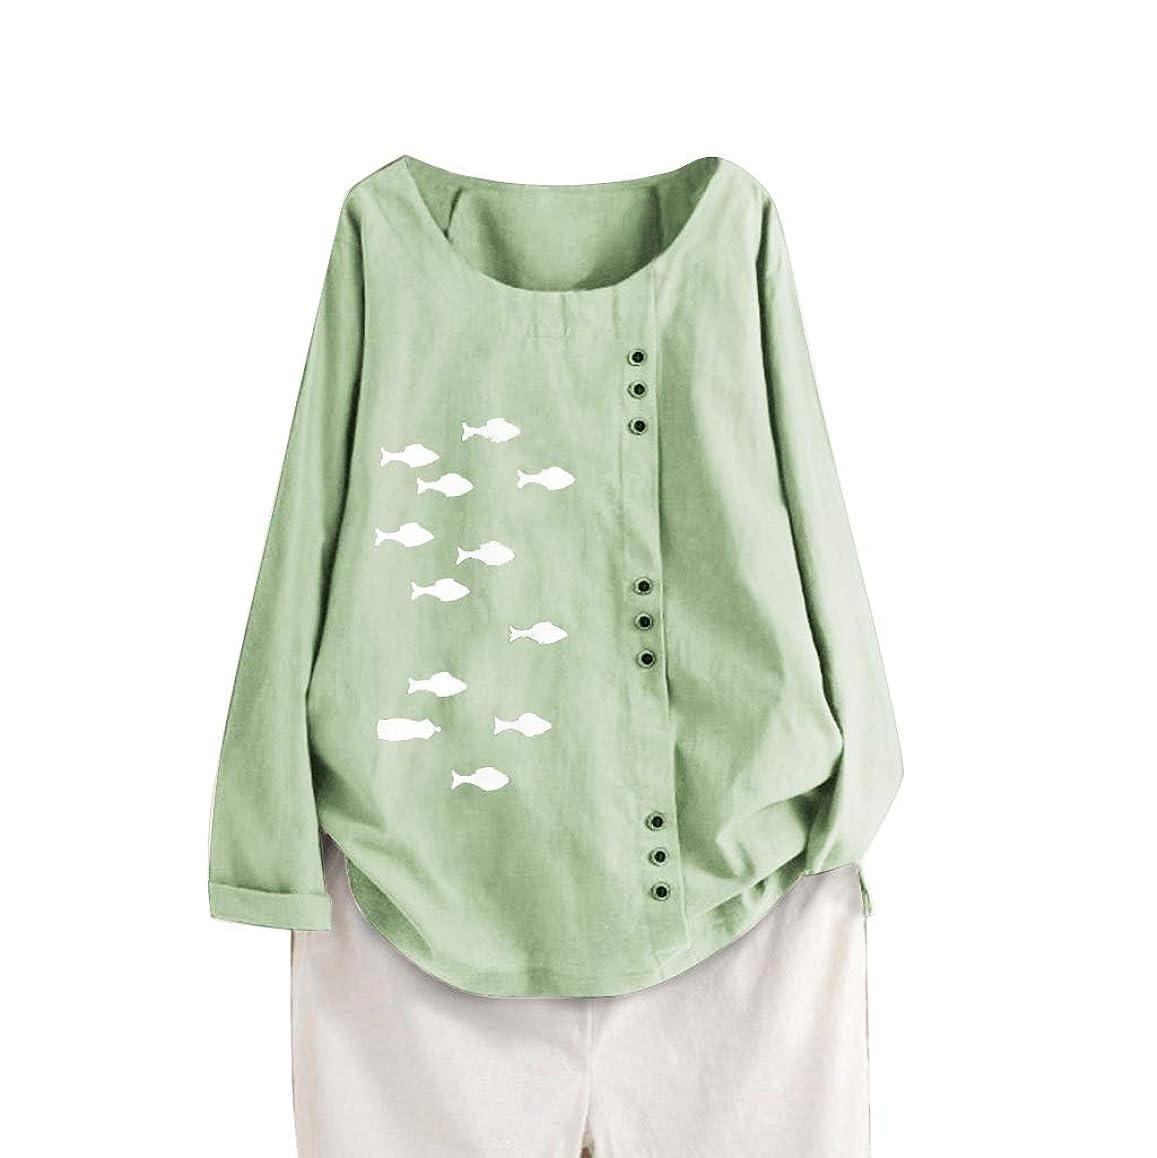 娘マージブランクAguleaph レディース Tシャツ おおきいサイズ 長袖 コットンとリネン 魚のパターン トップス 学生 洋服 お出かけ ワイシャツ 流行り ブラウス 快適な 軽い 柔らかい かっこいい カジュアル シンプル オシャレ 春夏秋